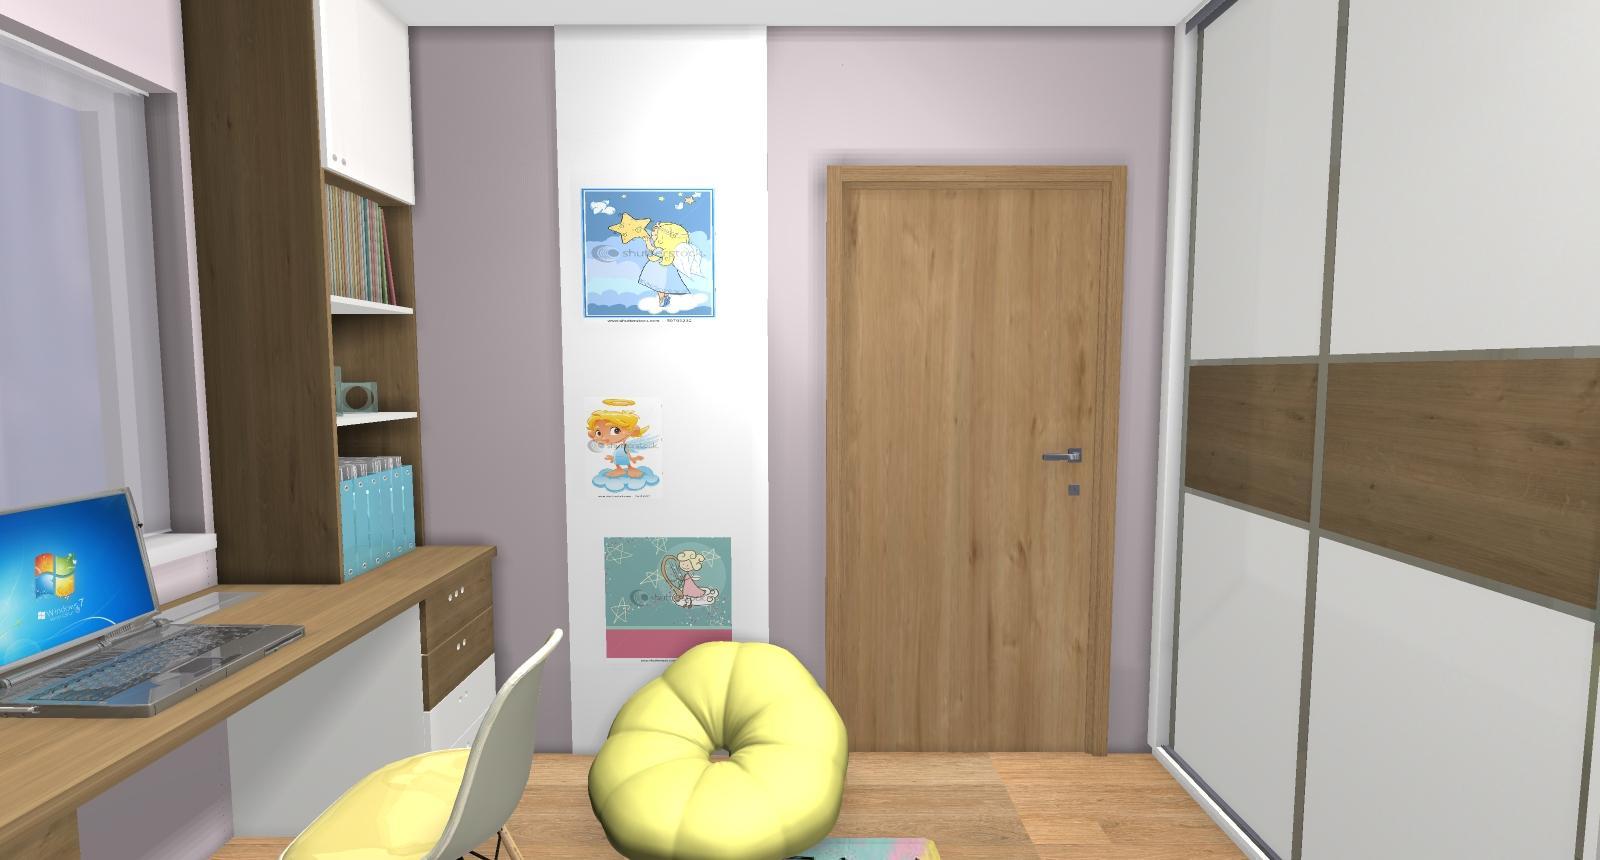 Grafické návrhy interiér 2019 - Grafický návrh detskej izby pre dve dievčatká - verzia 2 - obr.10